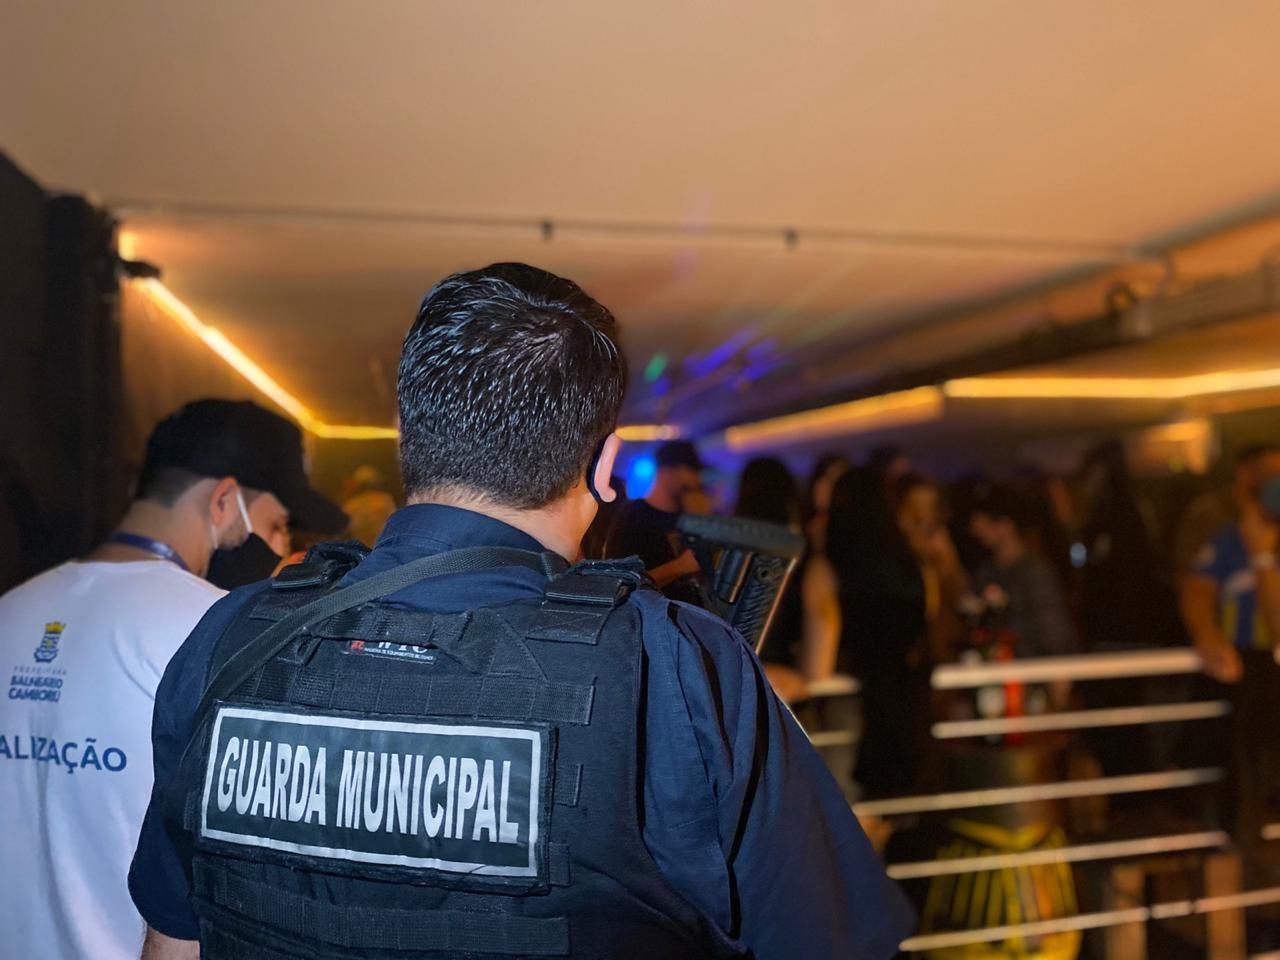 Coronavírus: Balneário Camboriú proíbe uso de narguilé em locais públicos e pessoas em pé em bares